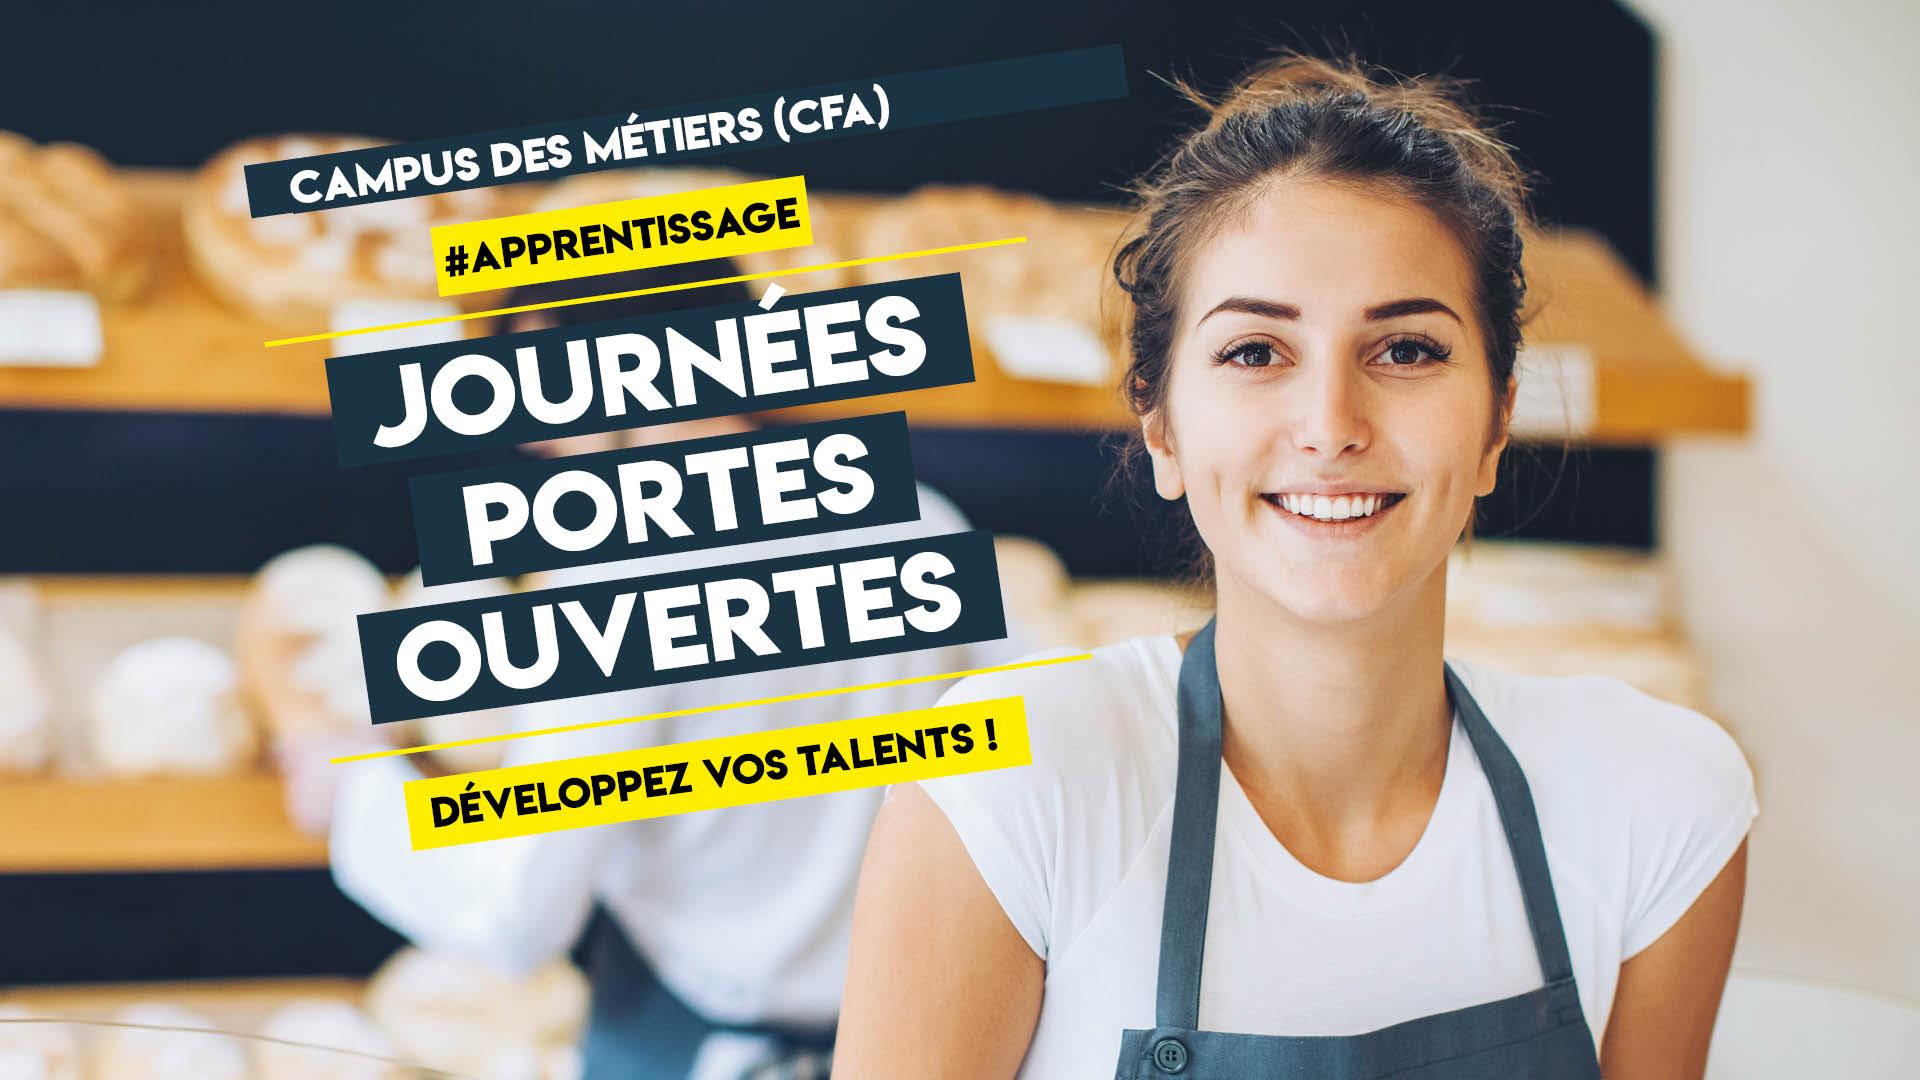 Journées portes ouvertes au Campus des Métiers de Saint-Benoît (86), les 27 et 28 mars 2020